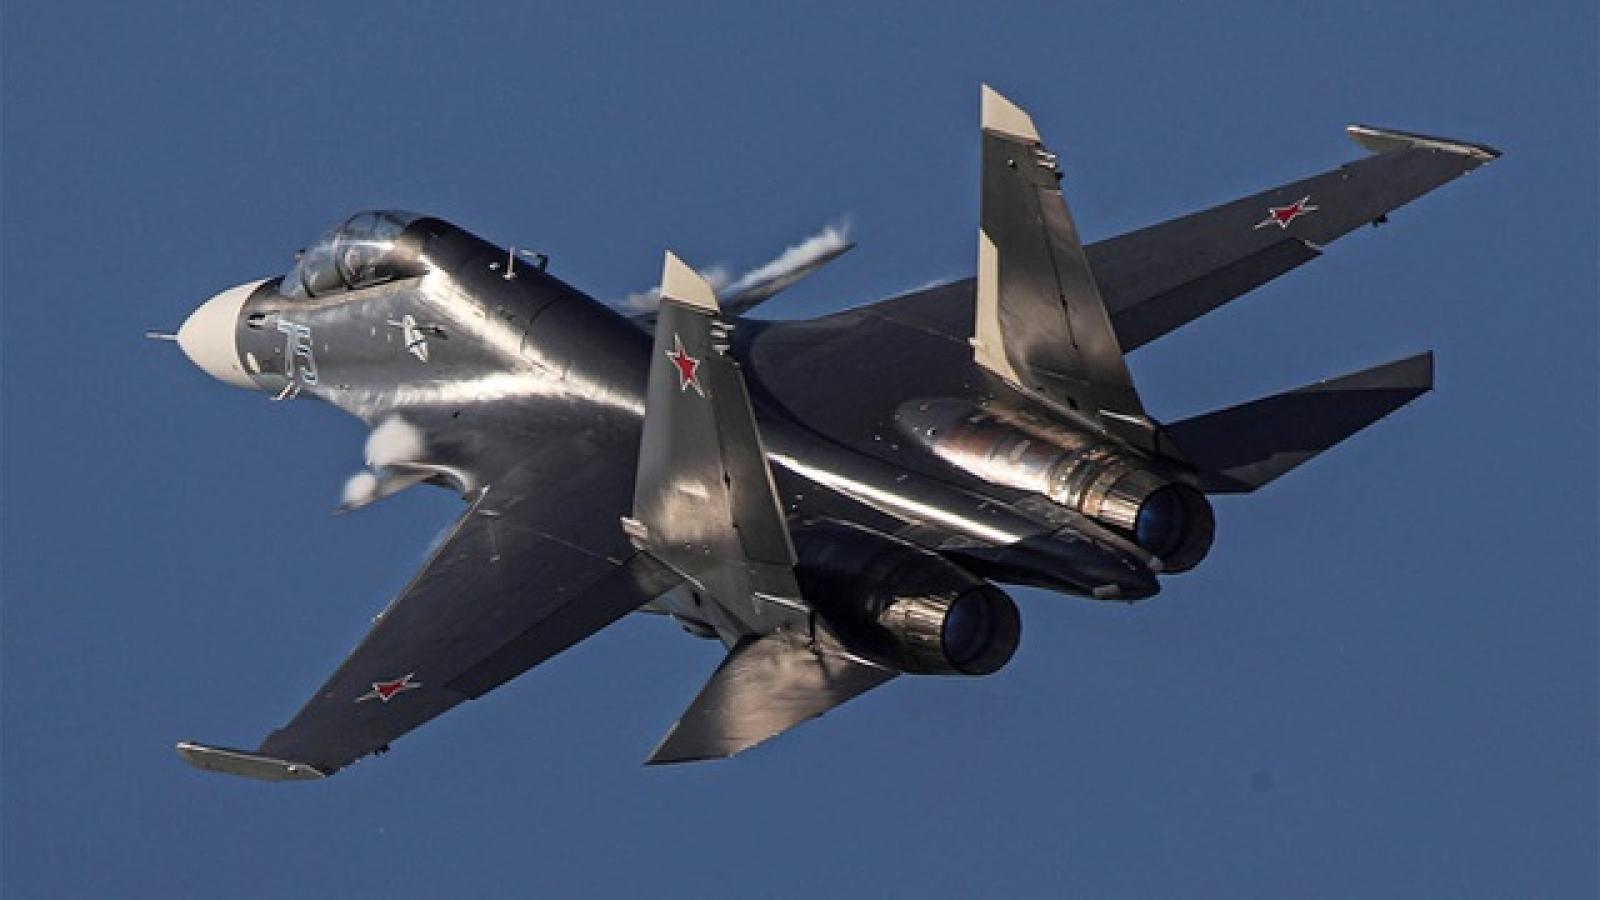 Tiêm kích Su-30 của Nga rơi do bị đồng đội bắn nhầm khi tập trận